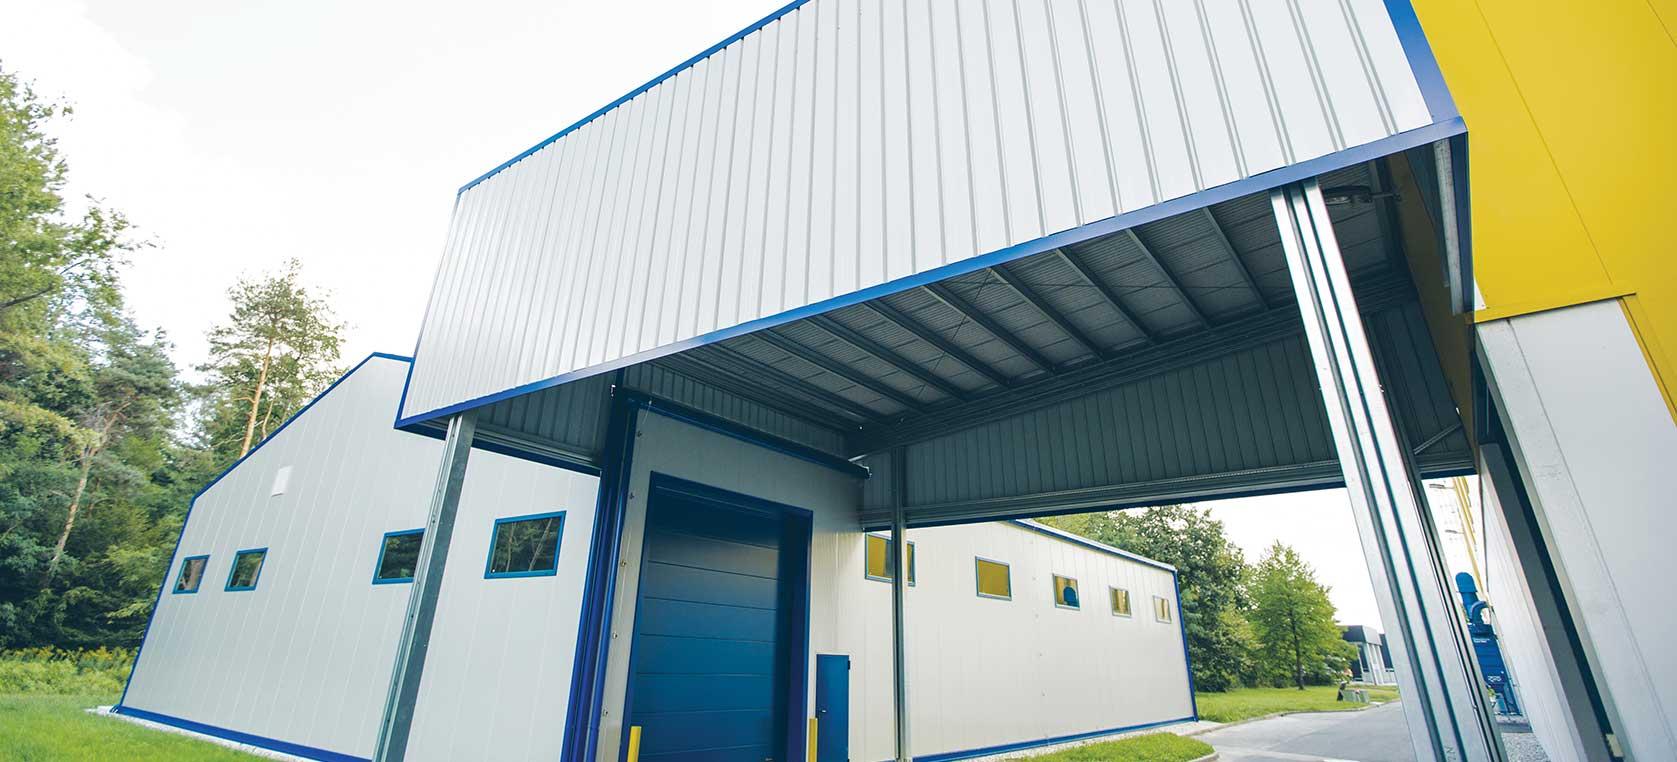 Jeklene (kovinske) konstrukcije Petrovič za poslovne prostore in skladiščne hale